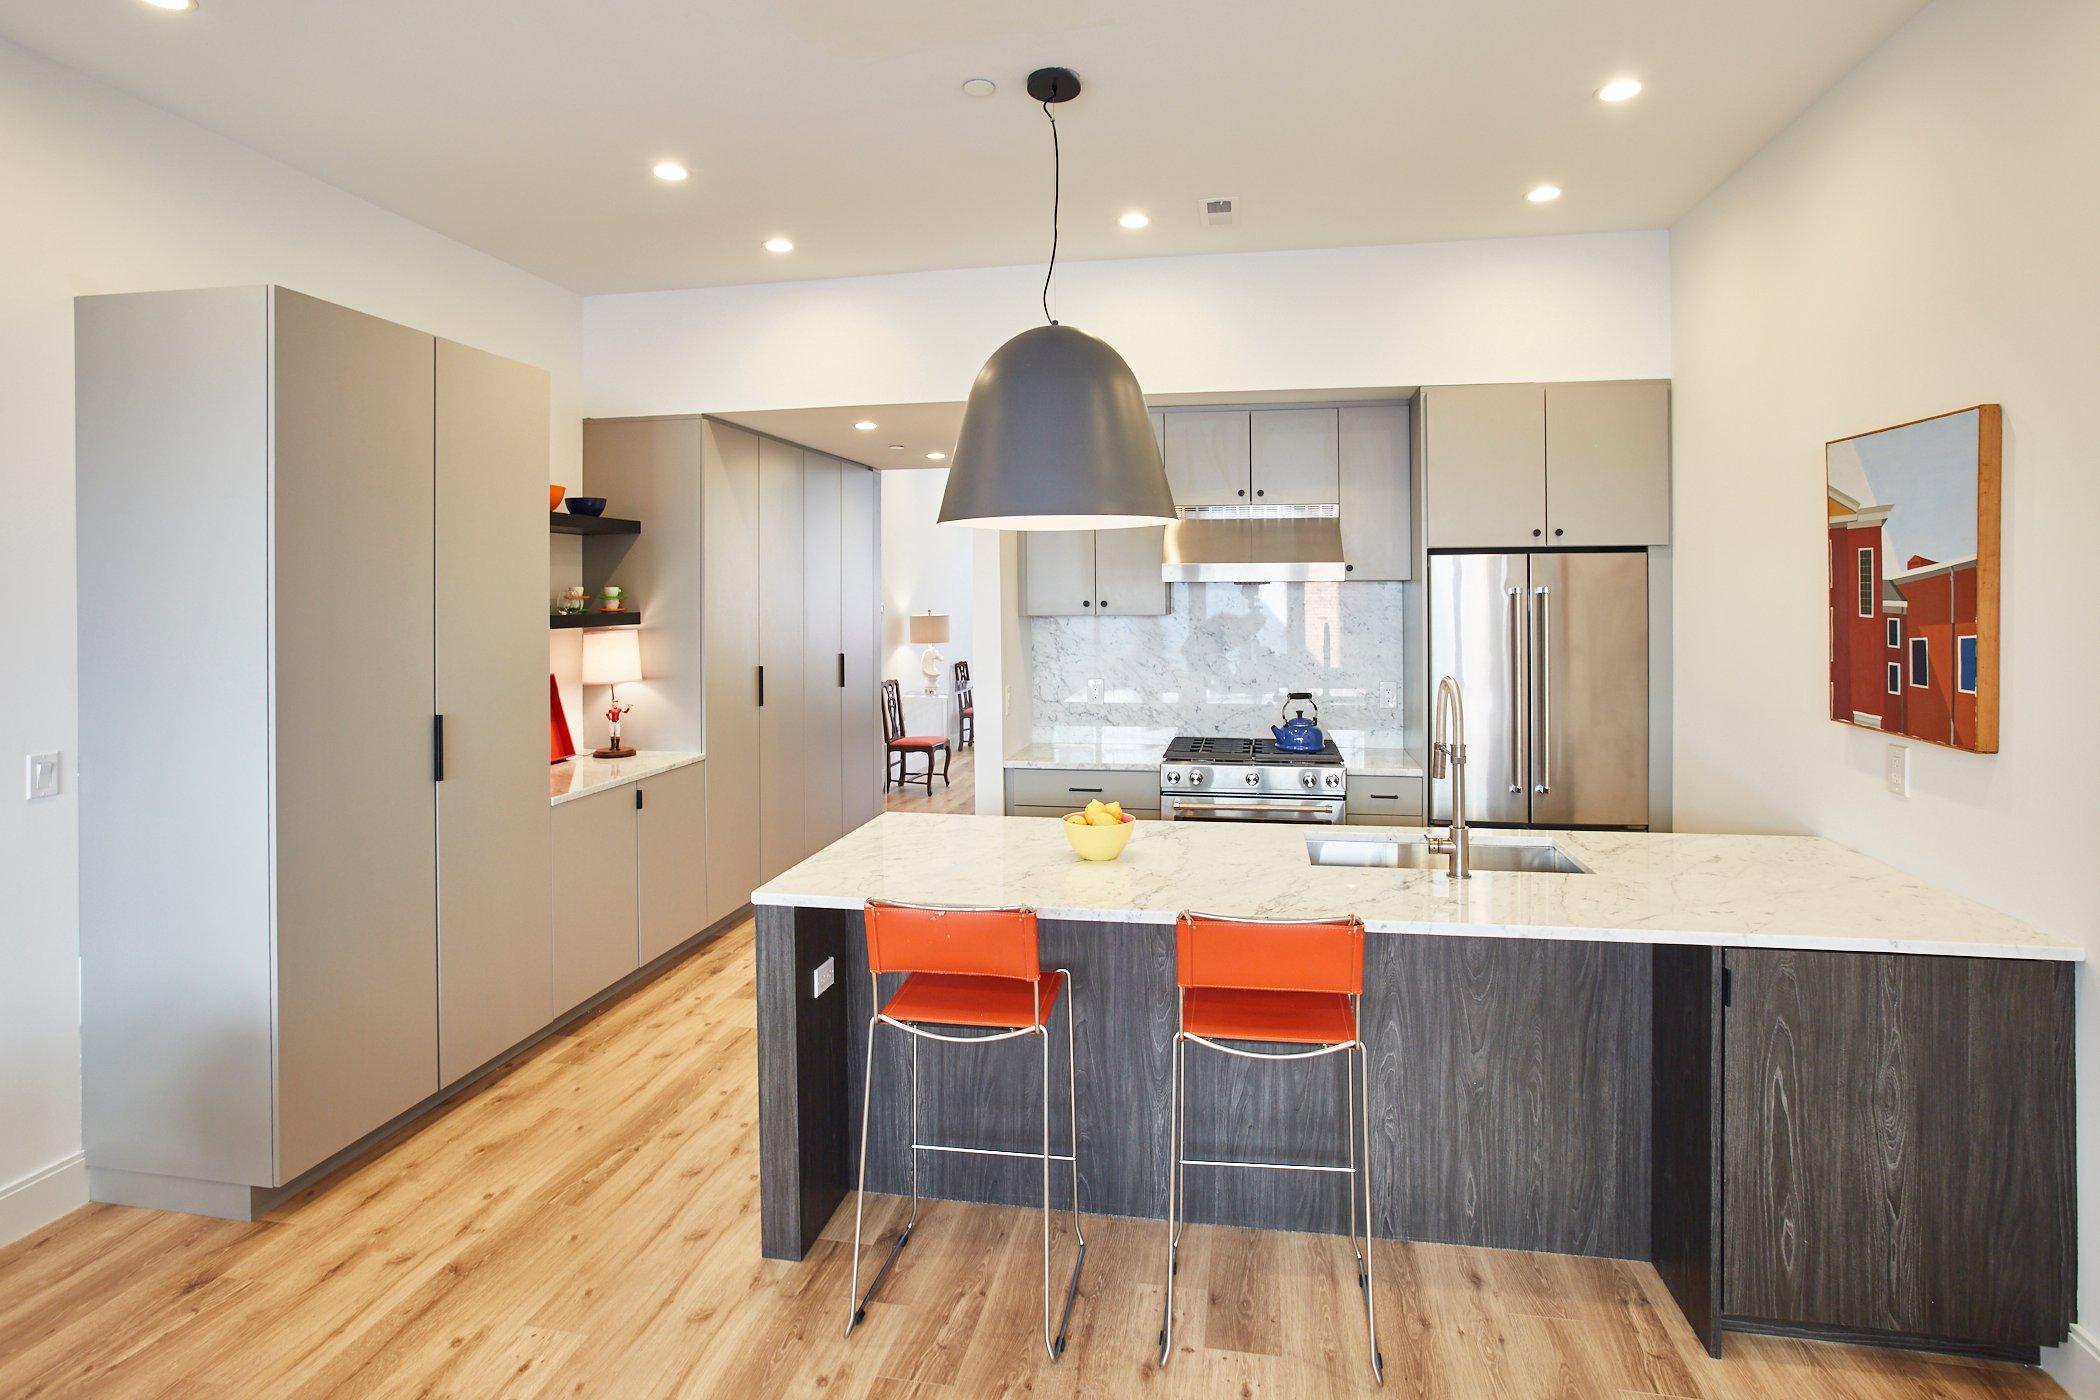 Interior kitchen with orange chairs